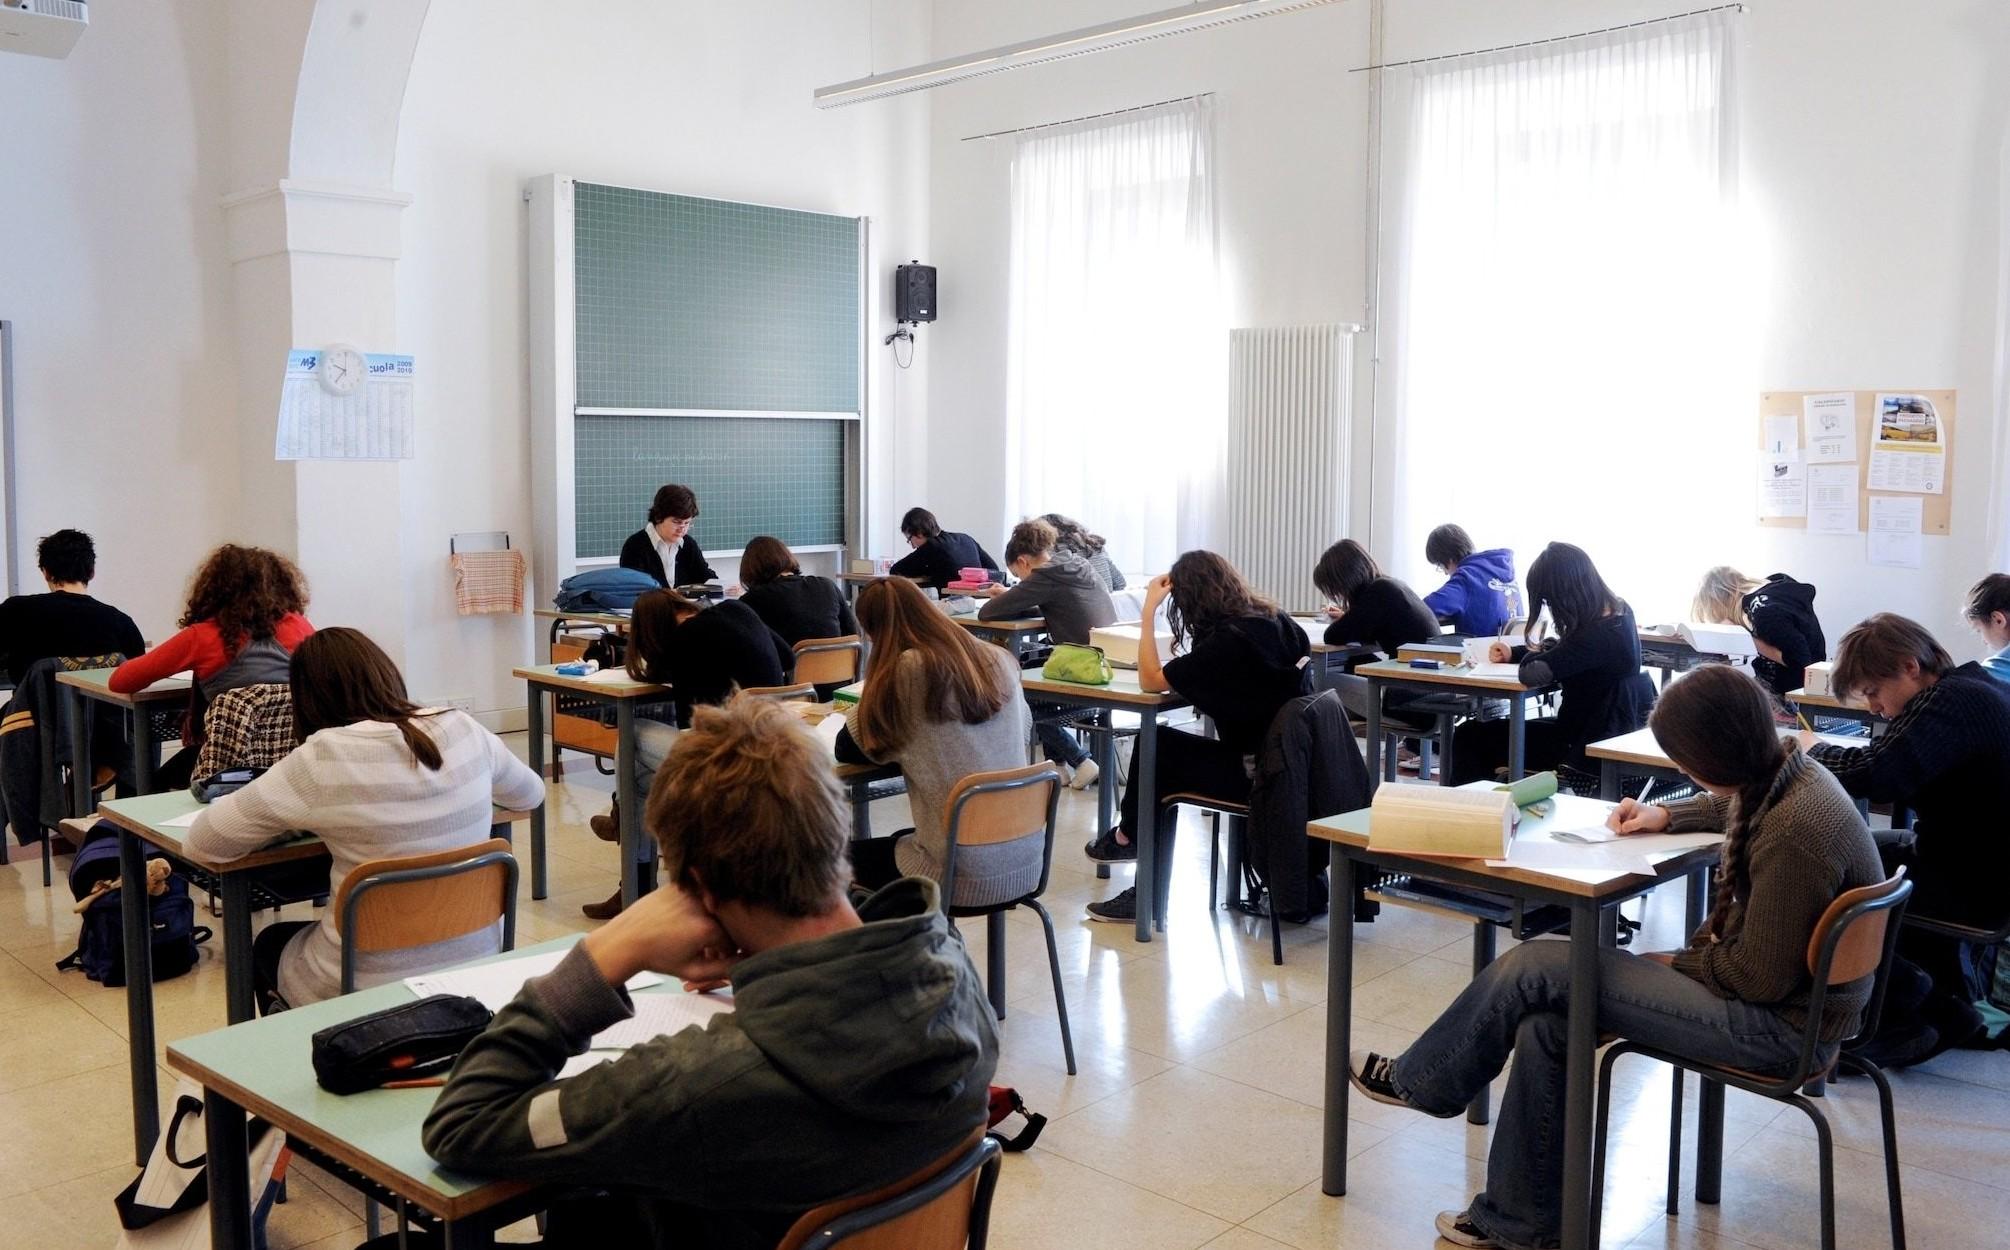 Decreto scuola 2019, assunzioni precari